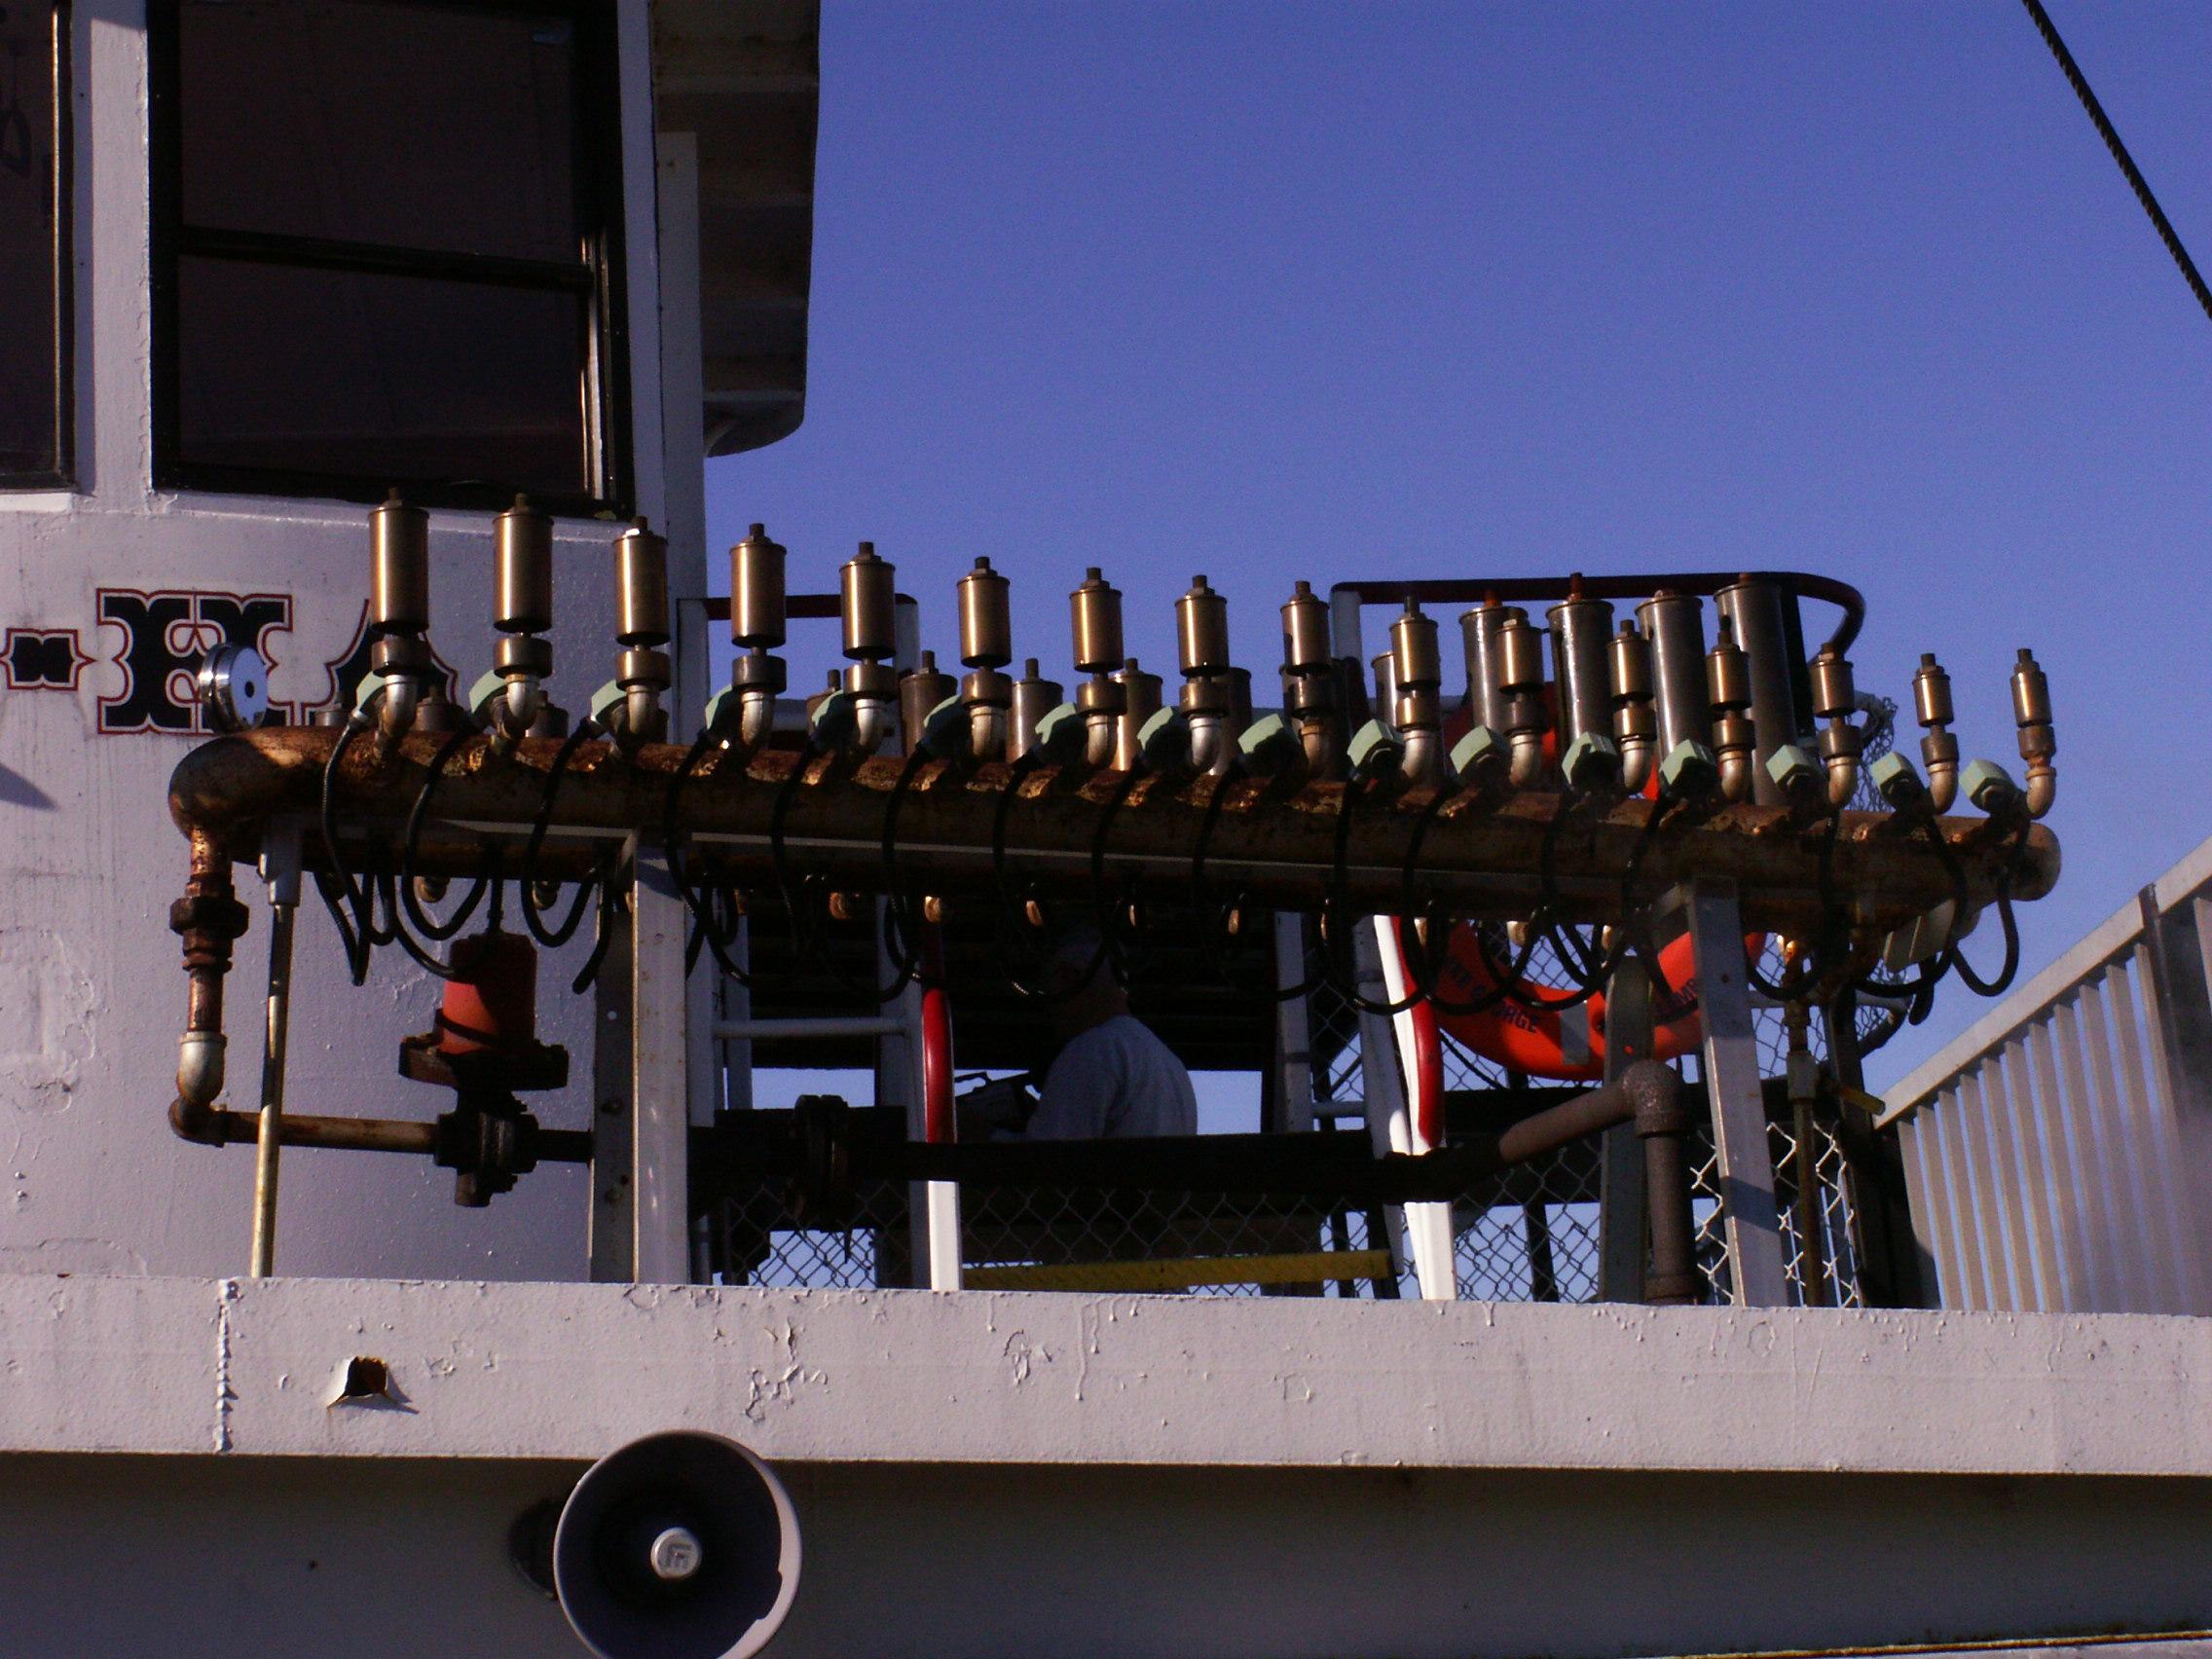 organ muzykalnyy instrument eto chto takoe organ muzykalnyy instrument